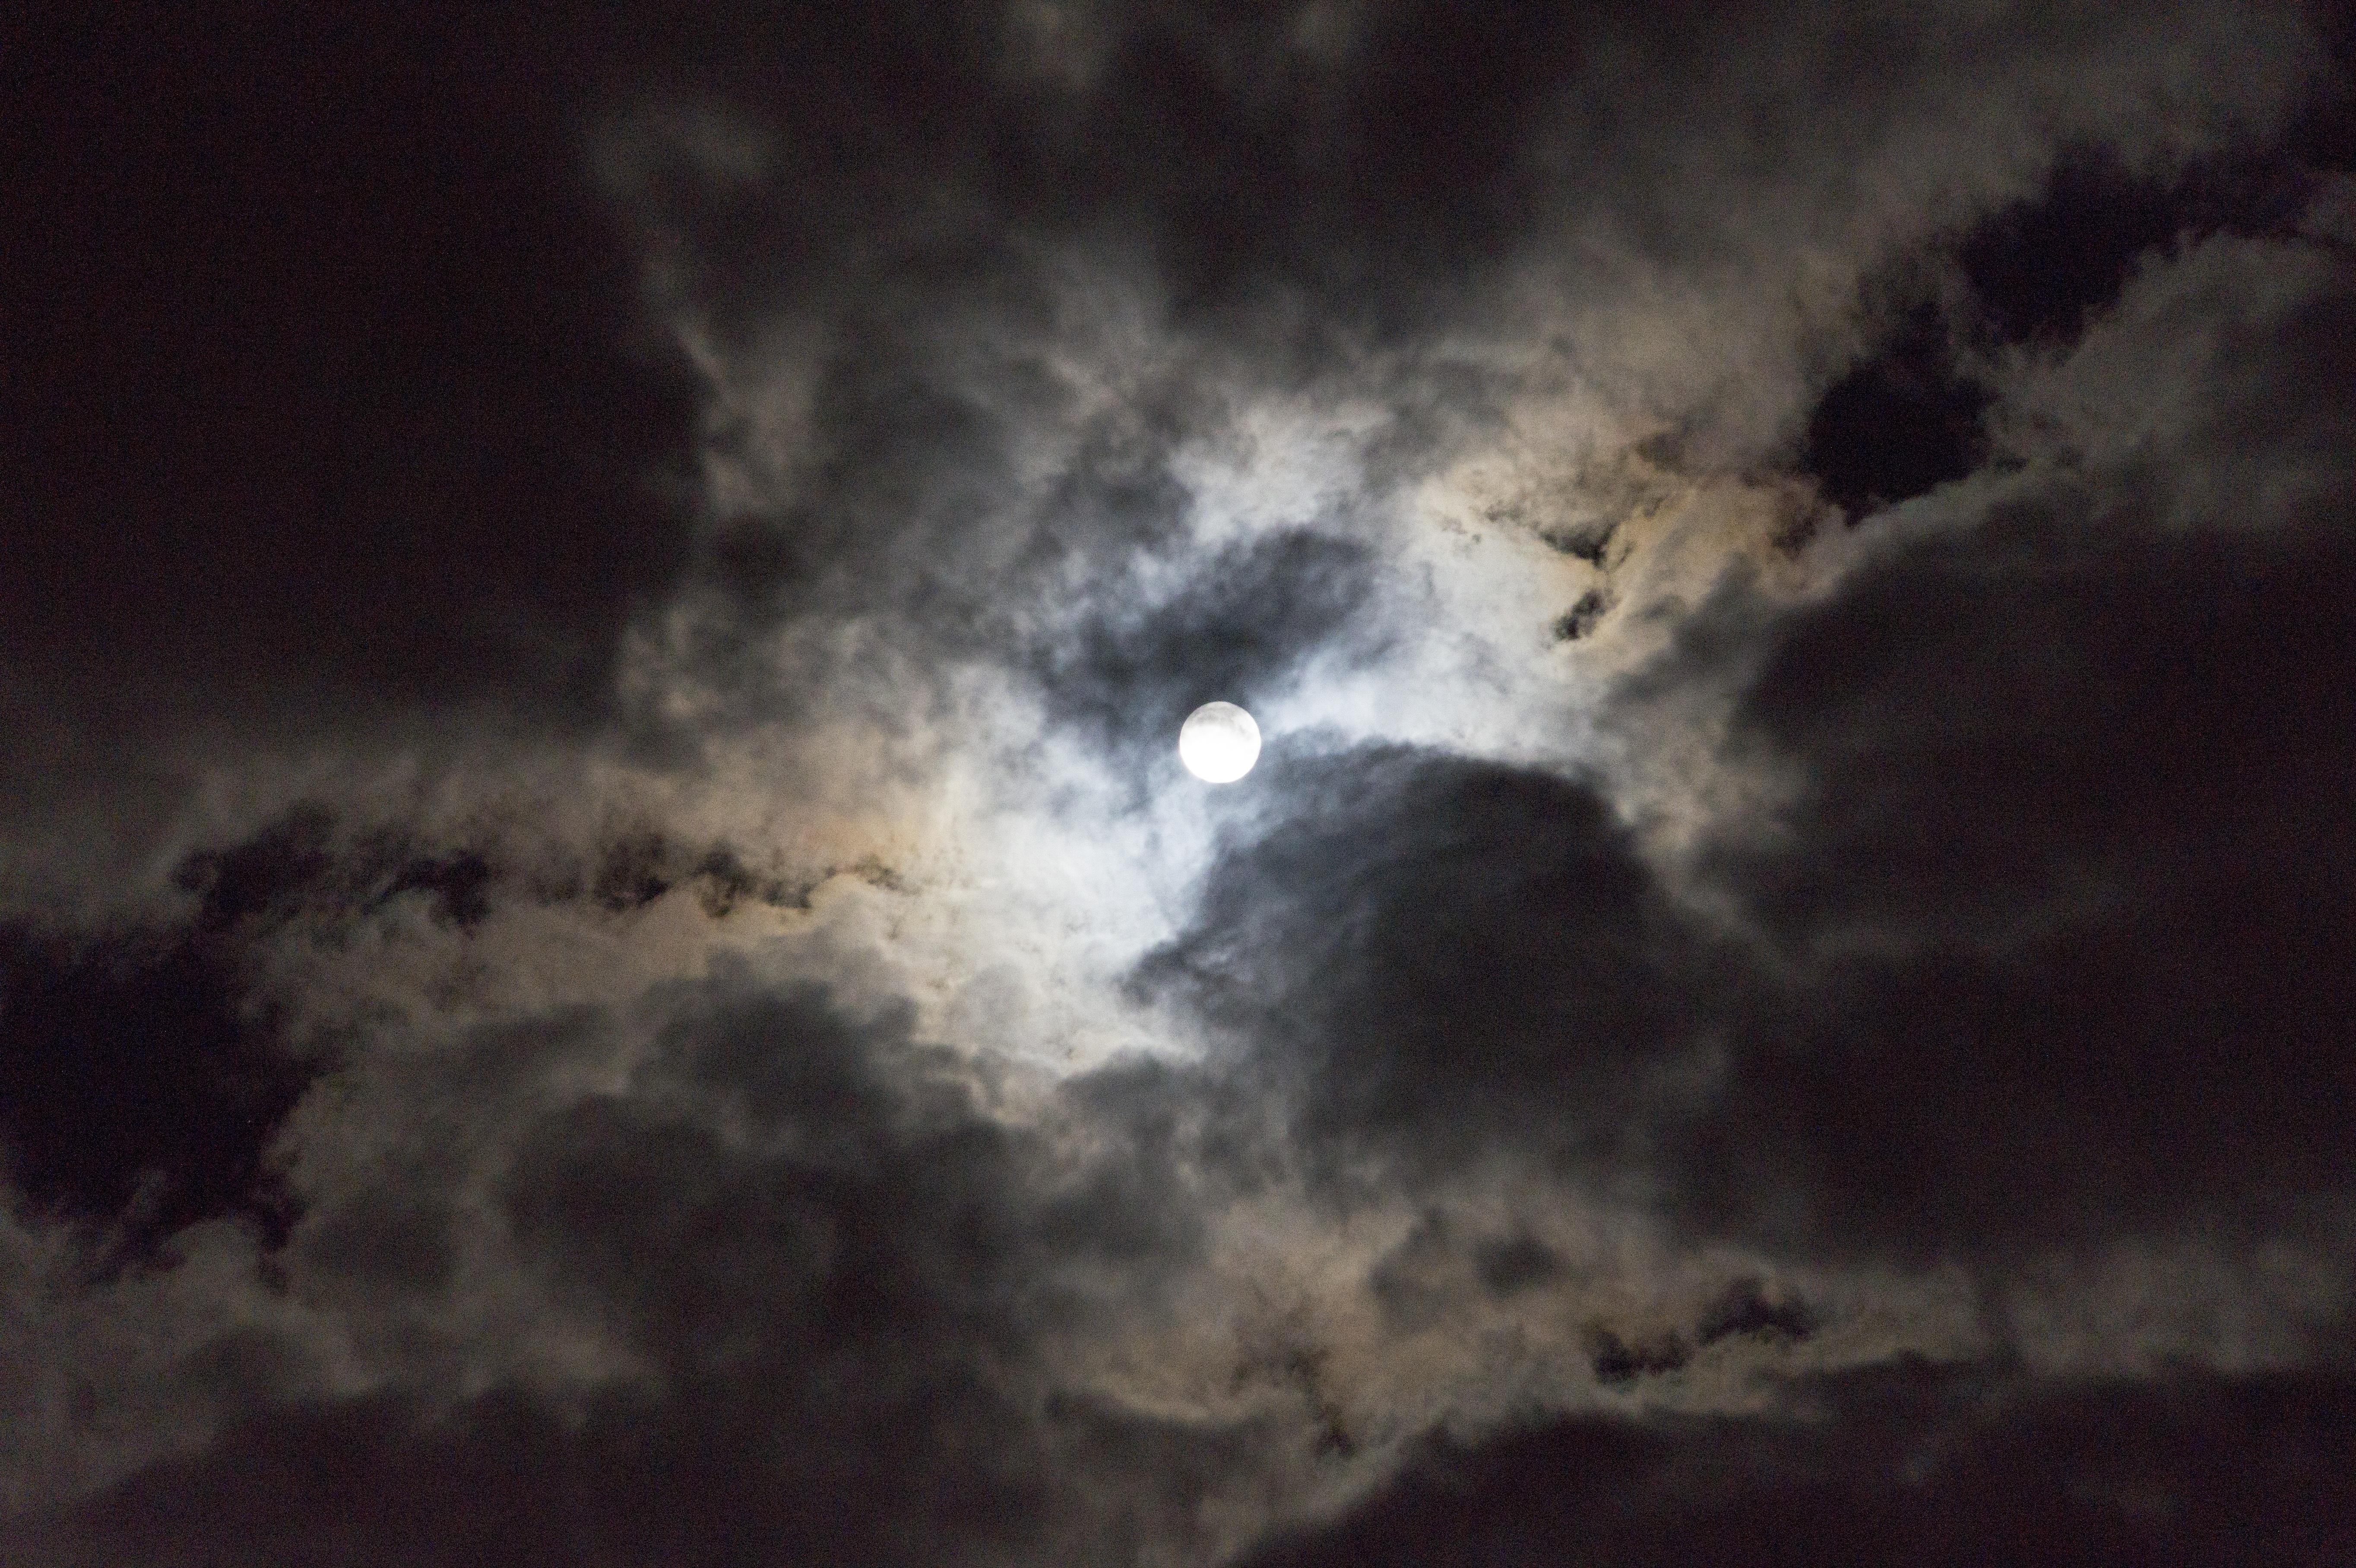 жаль, что фотография луны в облаках набережным канала